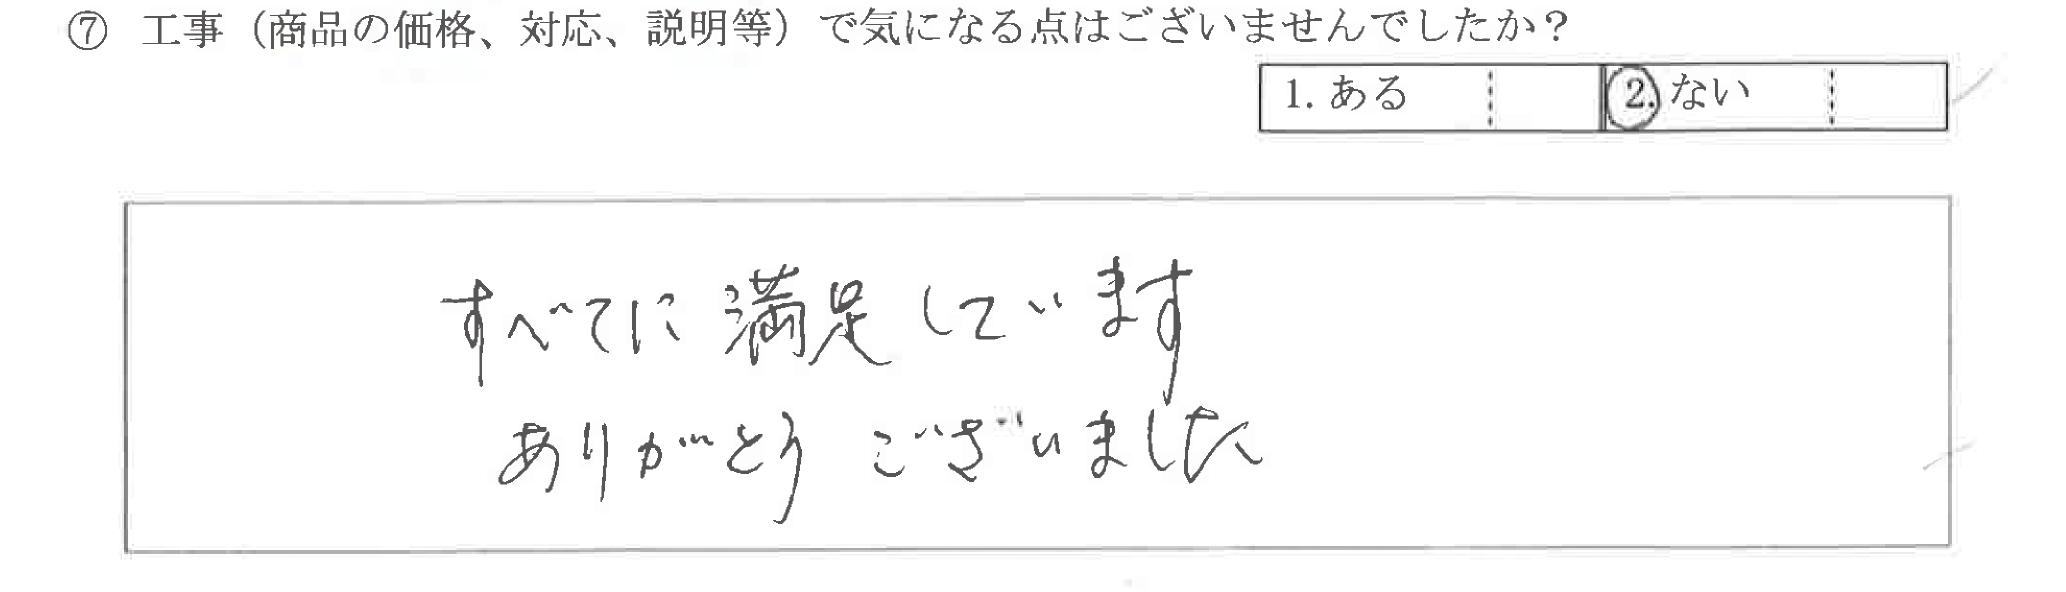 富山県富山市K様に頂いた屋根セネター重ね貼り工事についてのお気づきの点がありましたら、お聞かせ下さい。というご質問について「屋根セネター重ね貼り工事【お喜びの声】」というお声についての画像